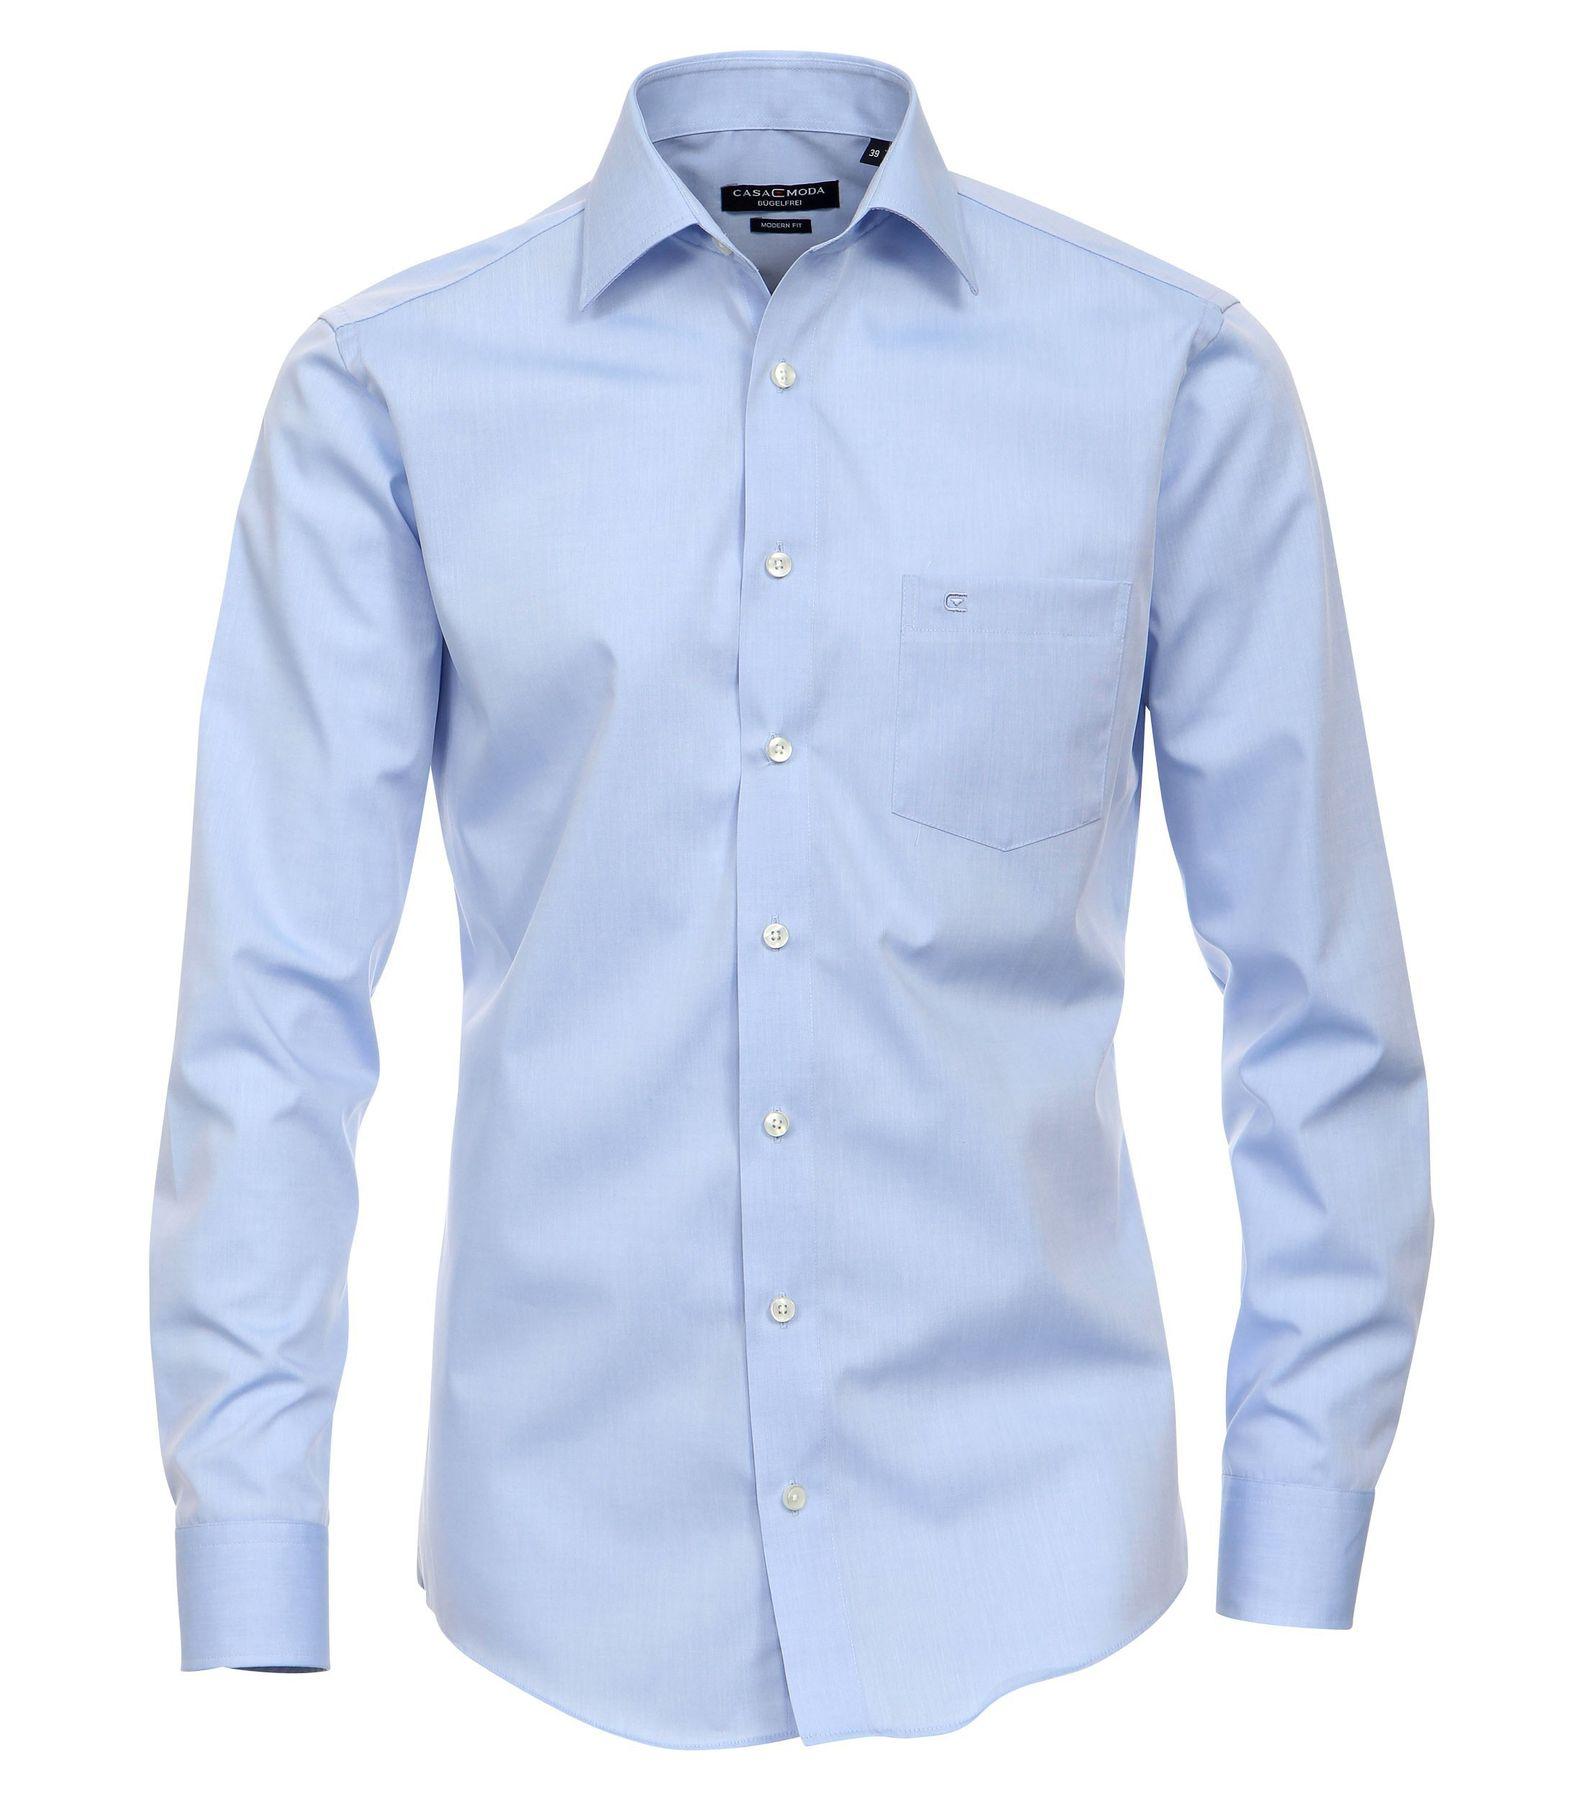 Casa Moda - Modern Fit - Bügelfreies Herren Business Hemd mit Extra langem Arm (72cm) in verschiedenen Farben (006562)